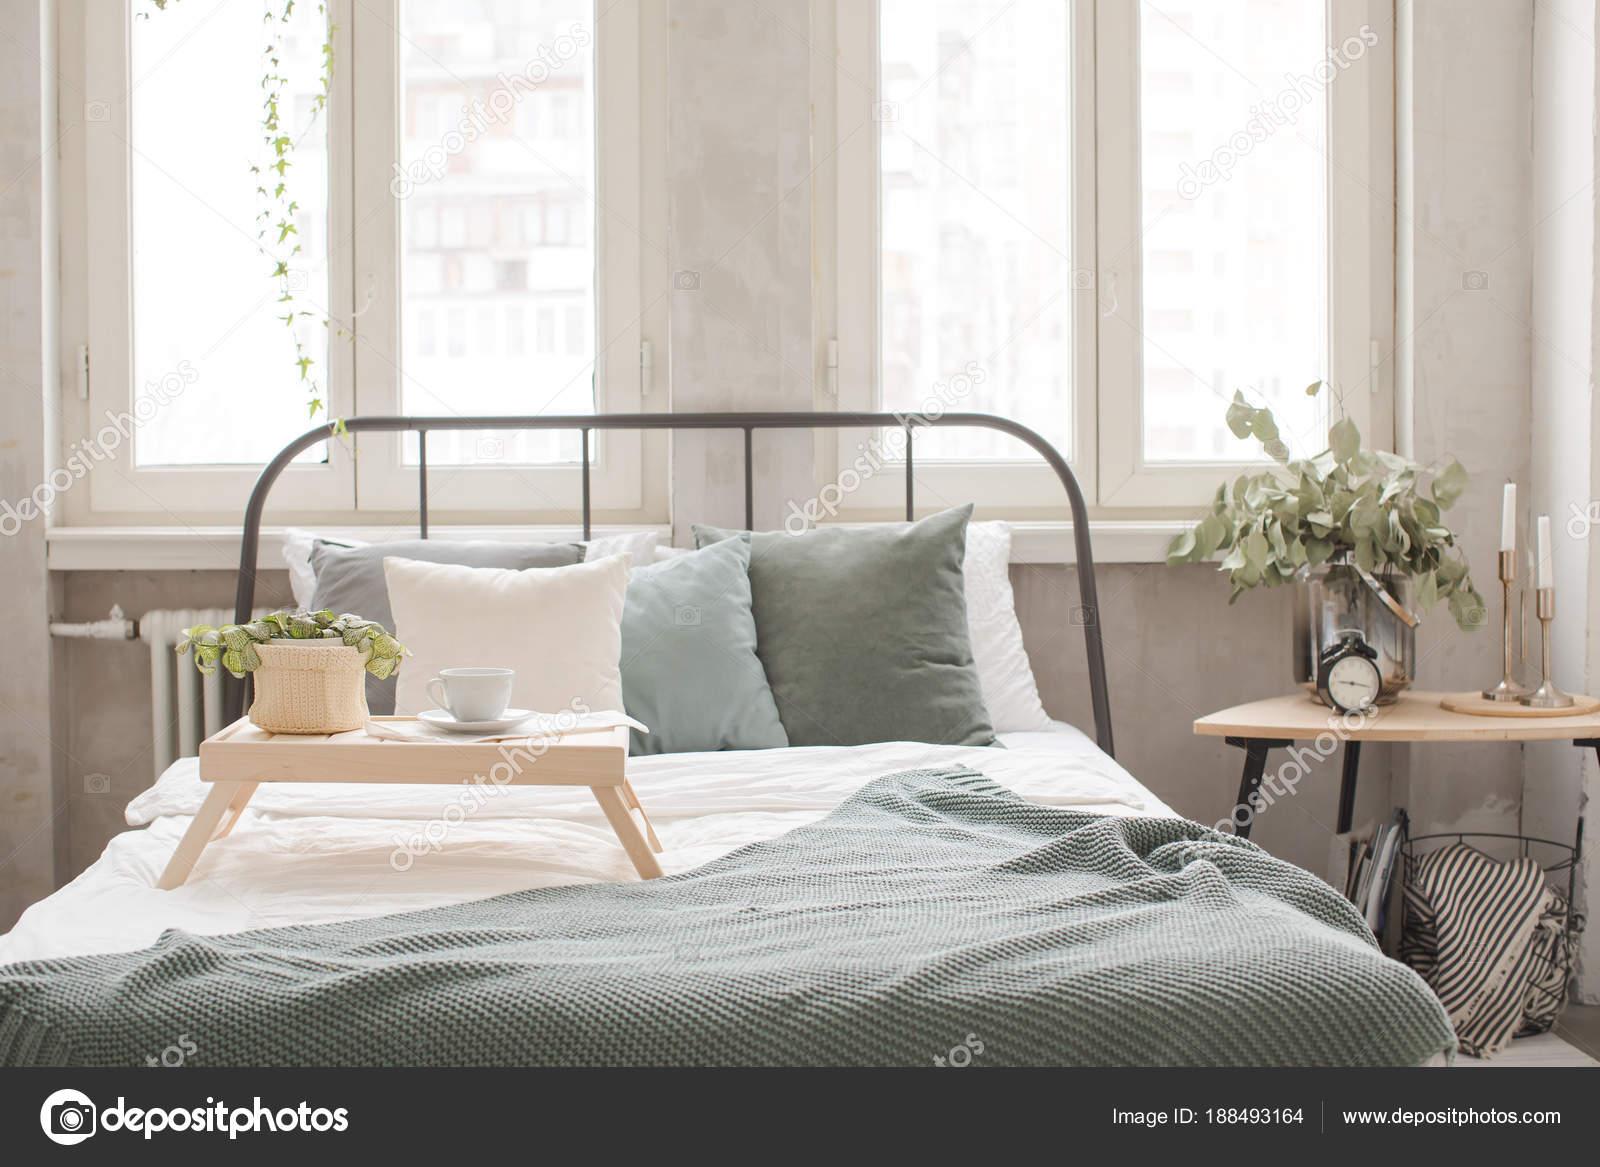 Camera Da Letto Bianco E Grigio : Interno della camera da letto accogliente bianco e grigio u foto